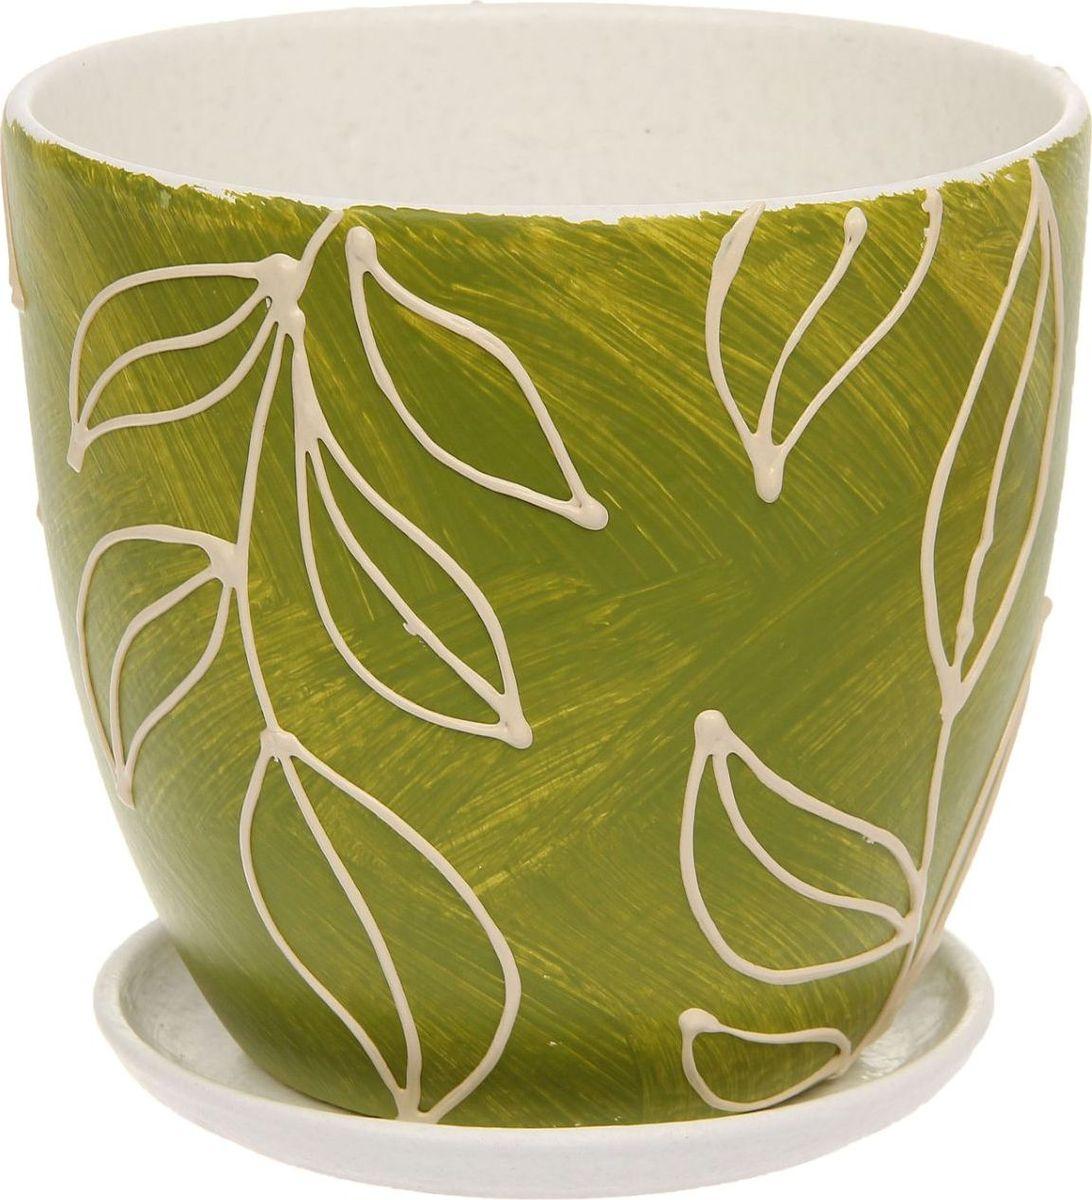 Кашпо Оливки, 2,6 л1138661Комнатные растения — всеобщие любимцы. Они радуют глаз, насыщают помещение кислородом и украшают пространство. Каждому из них необходим свой удобный и красивый дом. Кашпо из керамики прекрасно подходят для высадки растений: за счёт пластичности глины и разных способов обработки существует великое множество форм и дизайновпористый материал позволяет испаряться лишней влагевоздух, необходимый для дыхания корней, проникает сквозь керамические стенки! #name# позаботится о зелёном питомце, освежит интерьер и подчеркнёт его стиль.